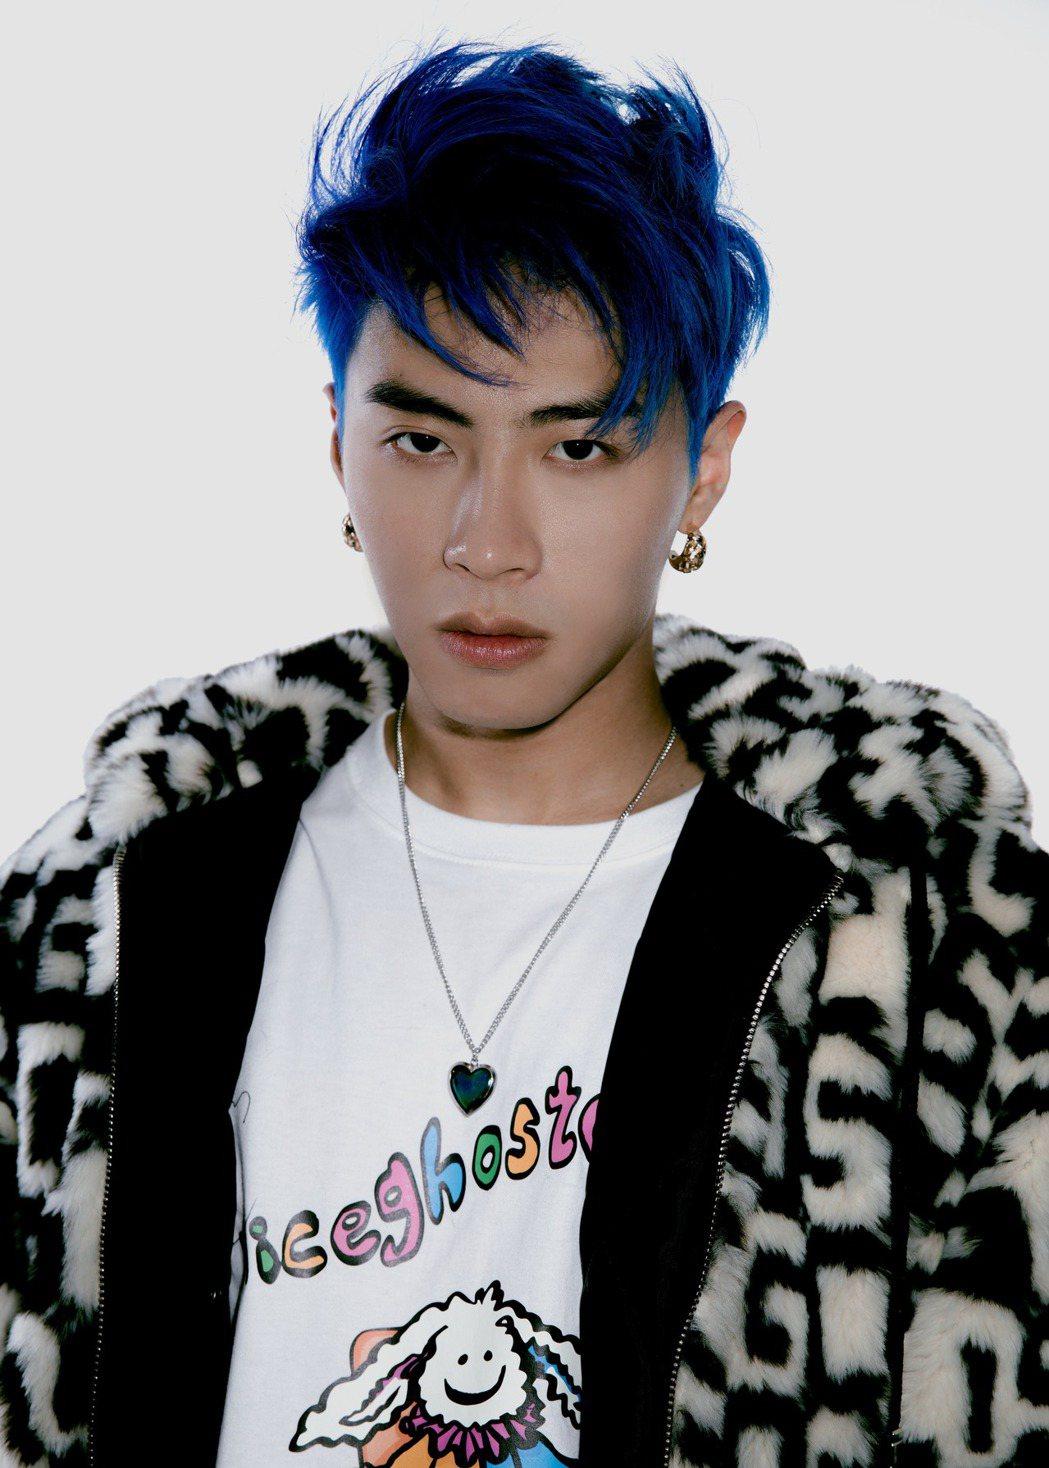 大陸饒舌歌手ICE早於2019年就與王嘉爾合作歌曲「Red」,引起大眾好評。圖/...